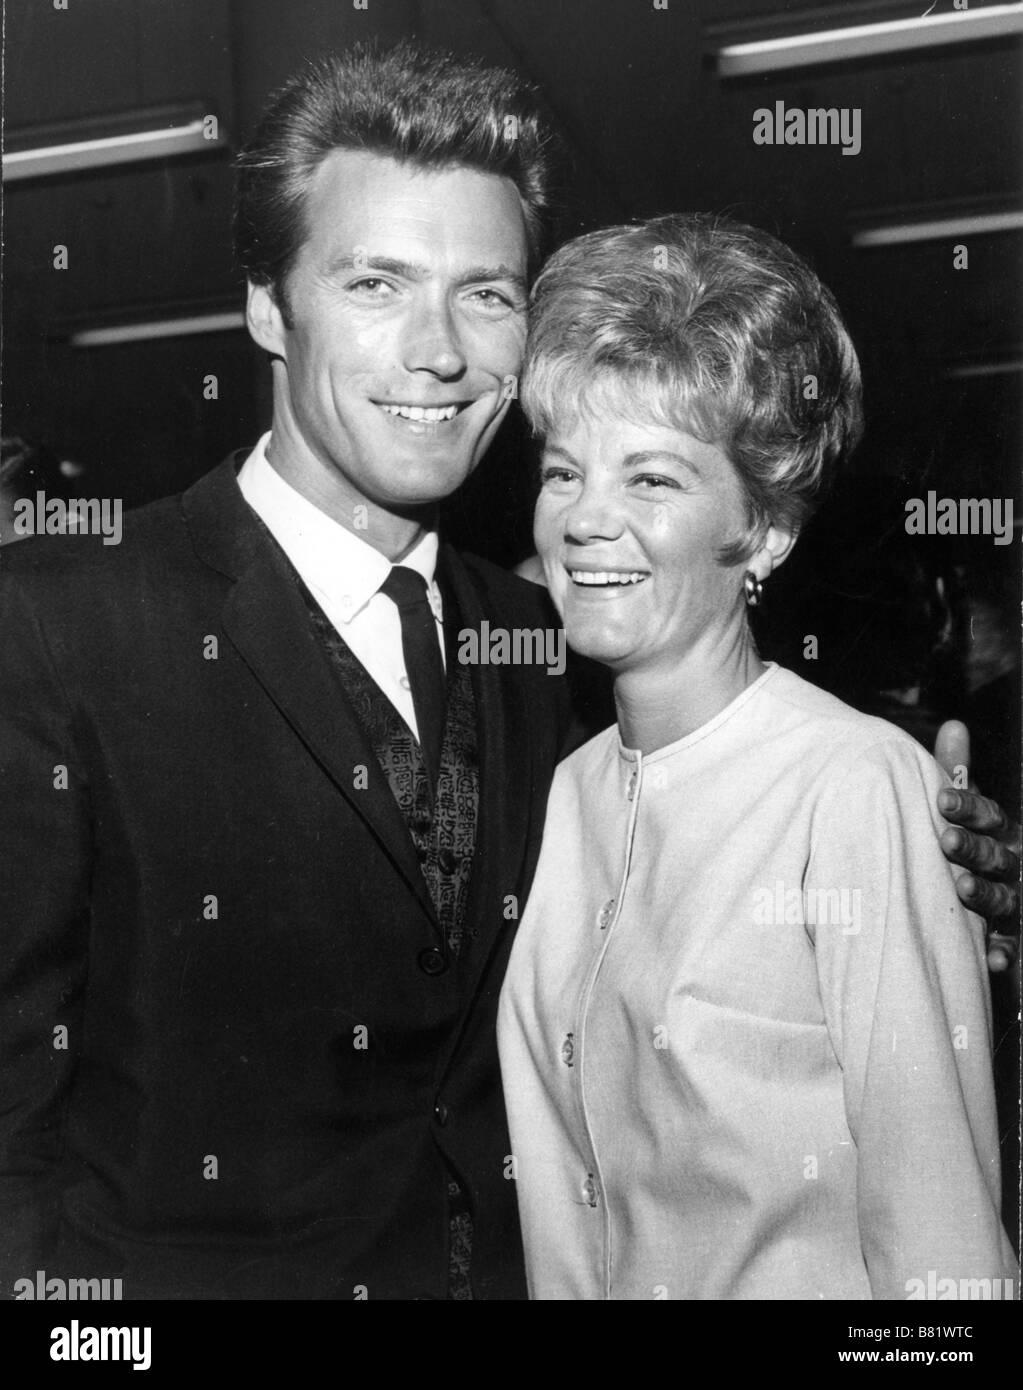 Clint Eastwood Clint E...